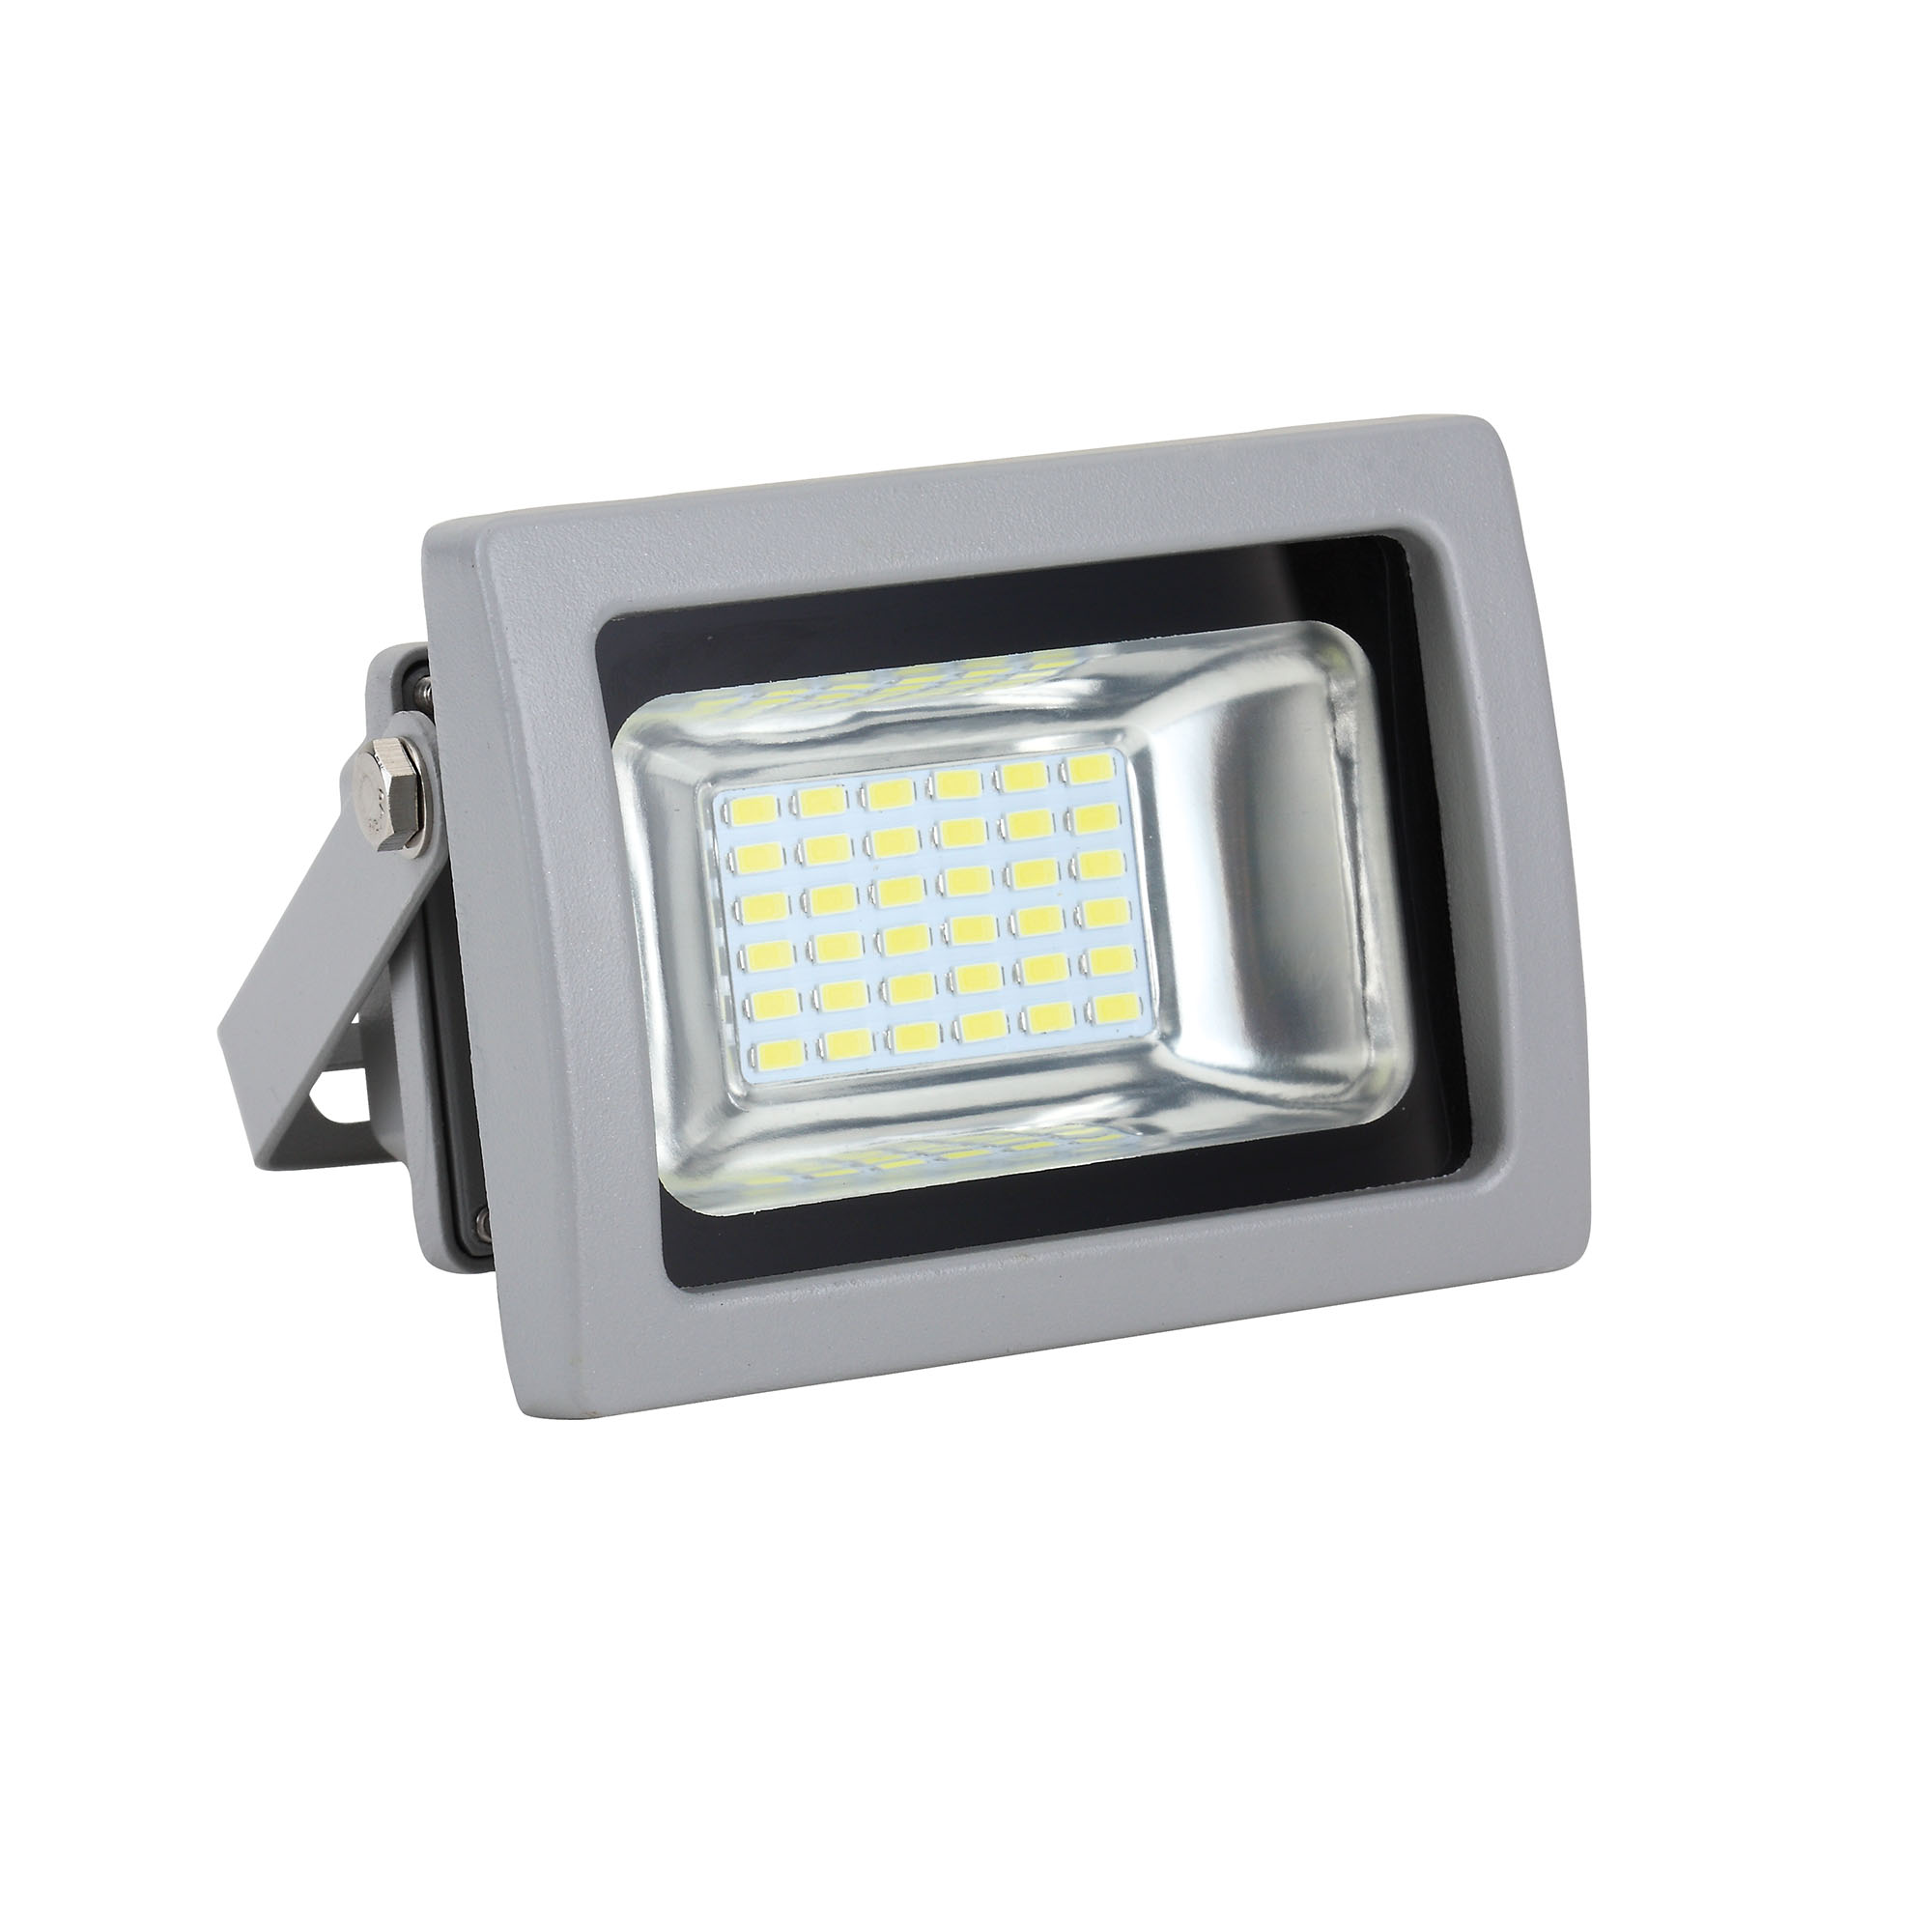 Светодиодный прожектор Uniel Ulf-s04-10w/dw